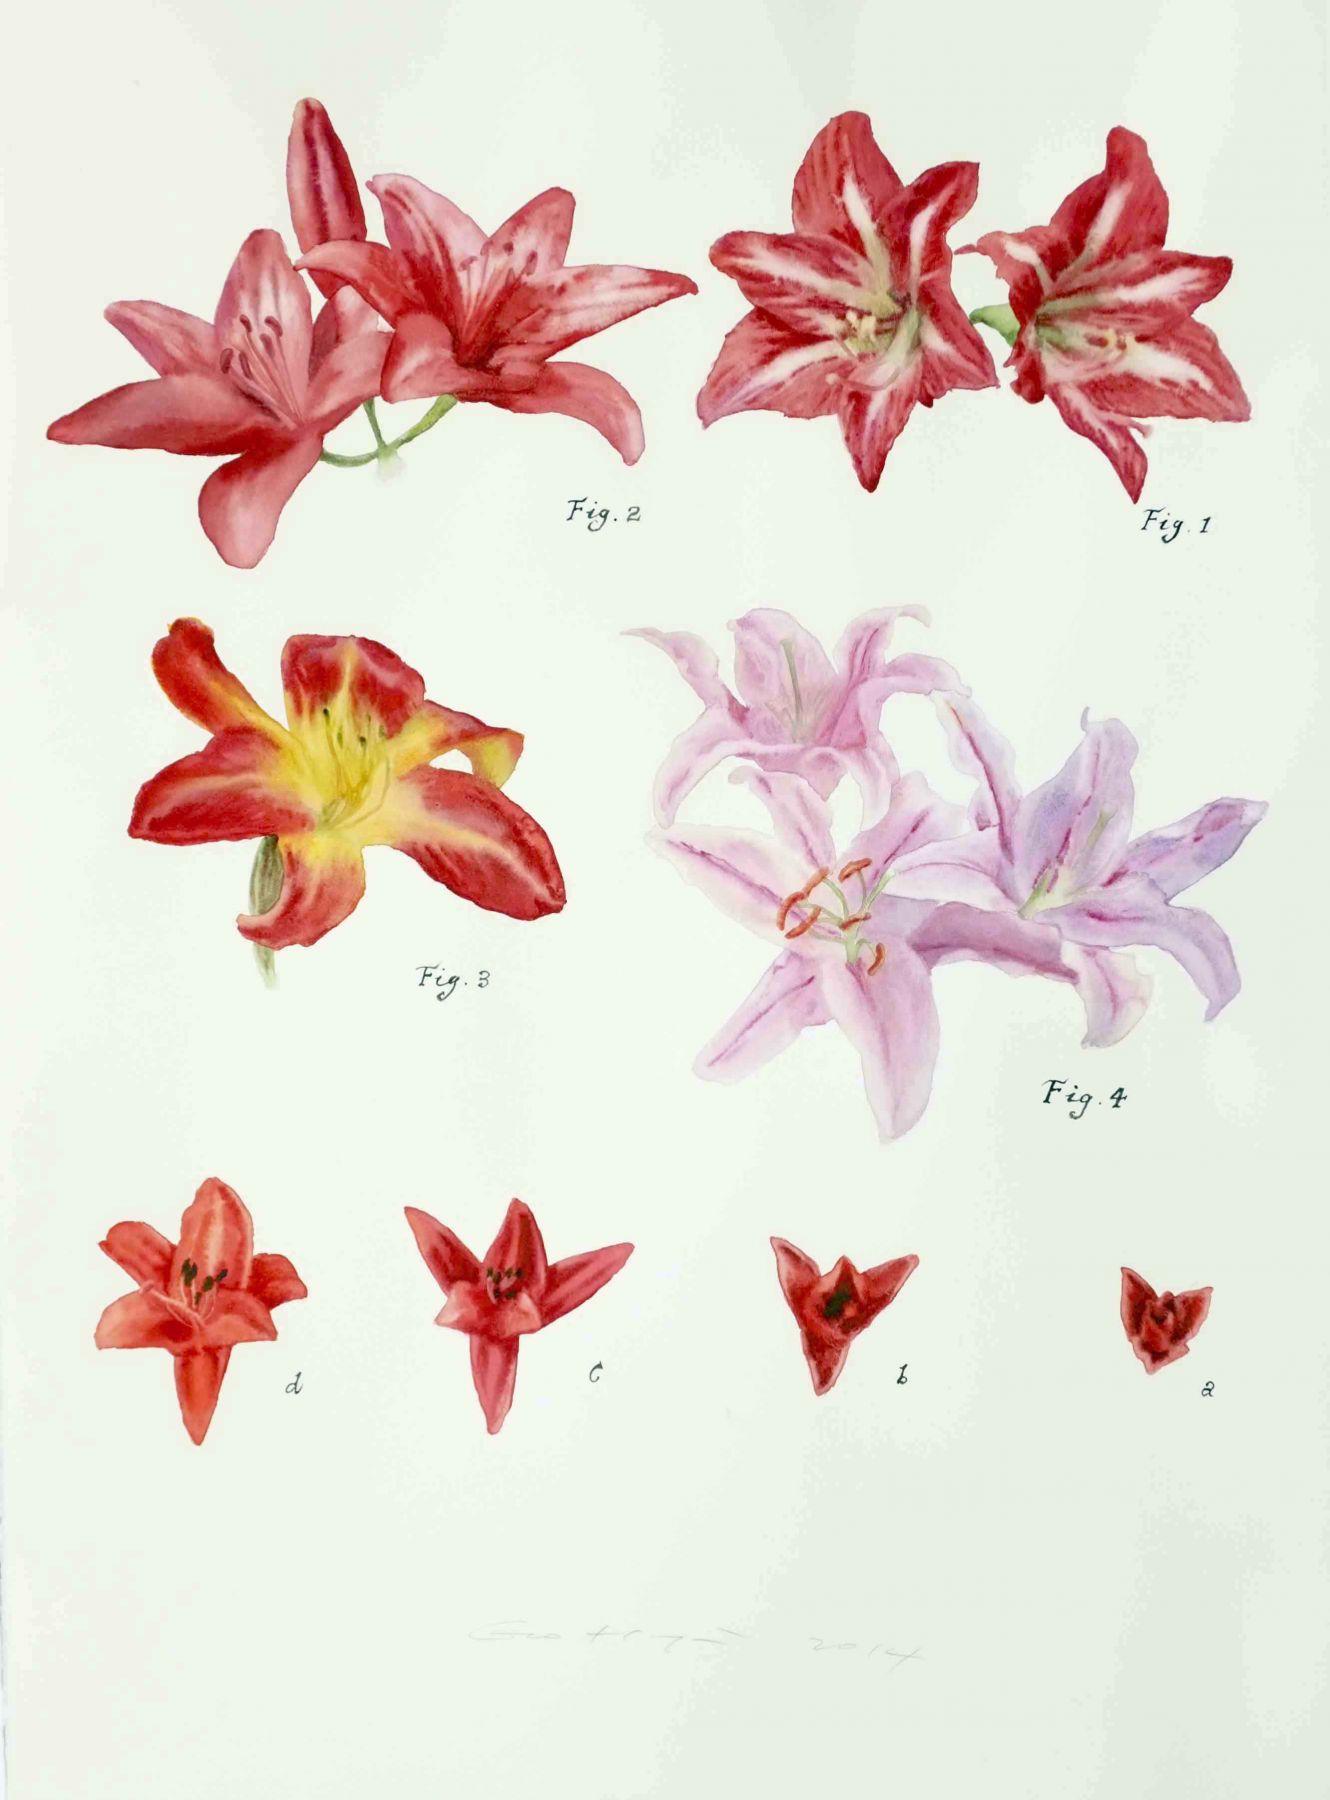 Guo Hongwei, Plant No. 15